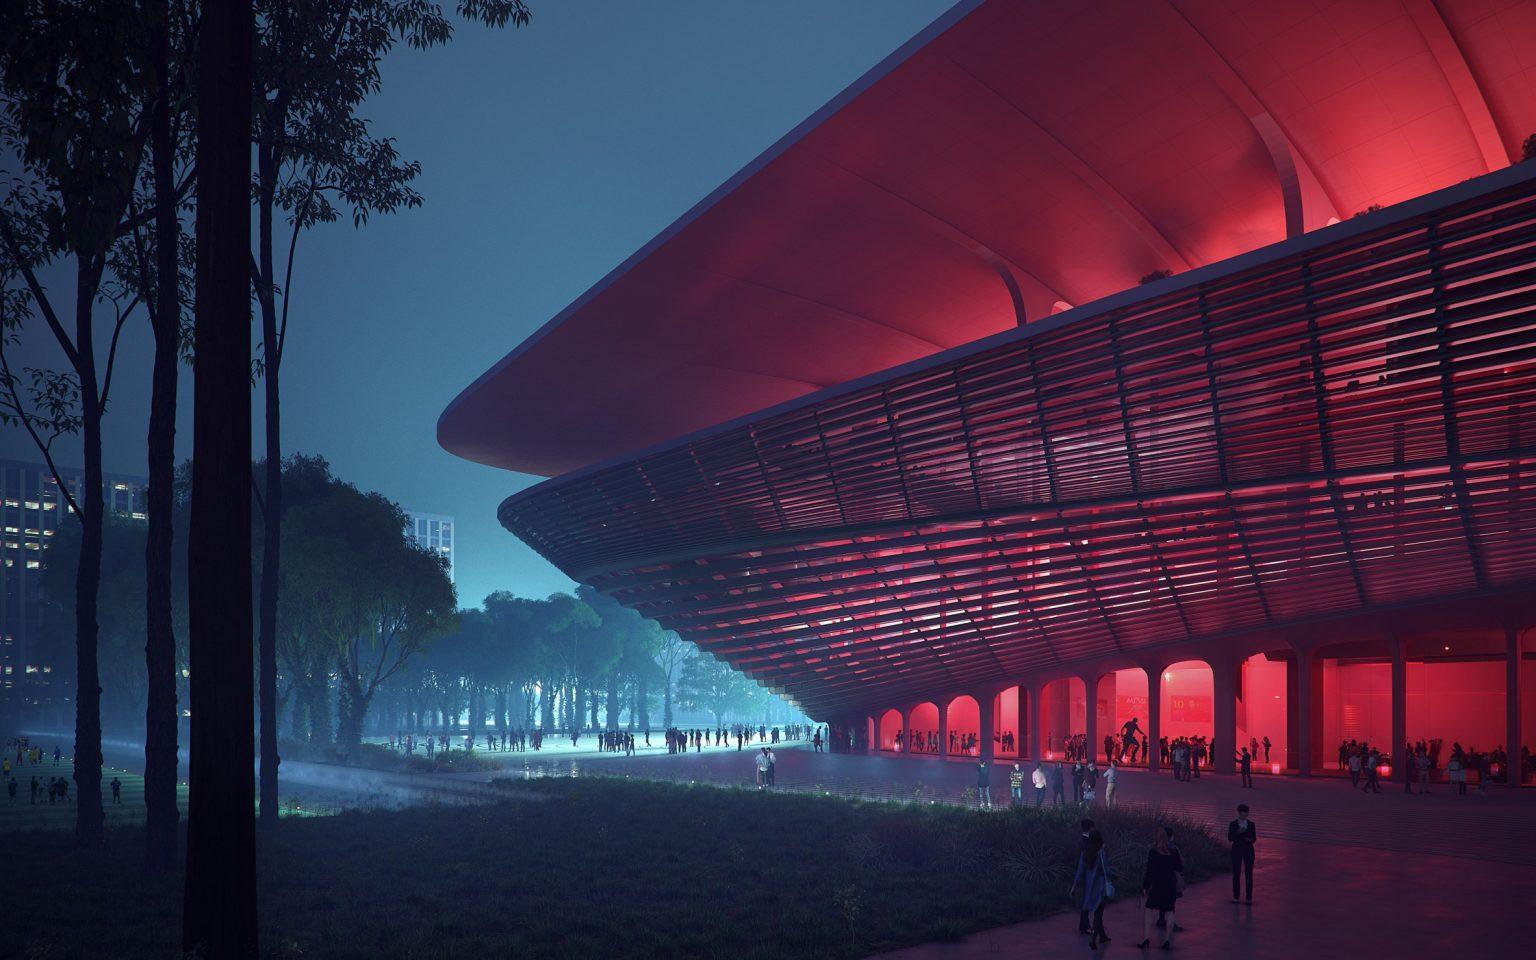 Desain Megah Stadion Sepak Bola di Tiongkok